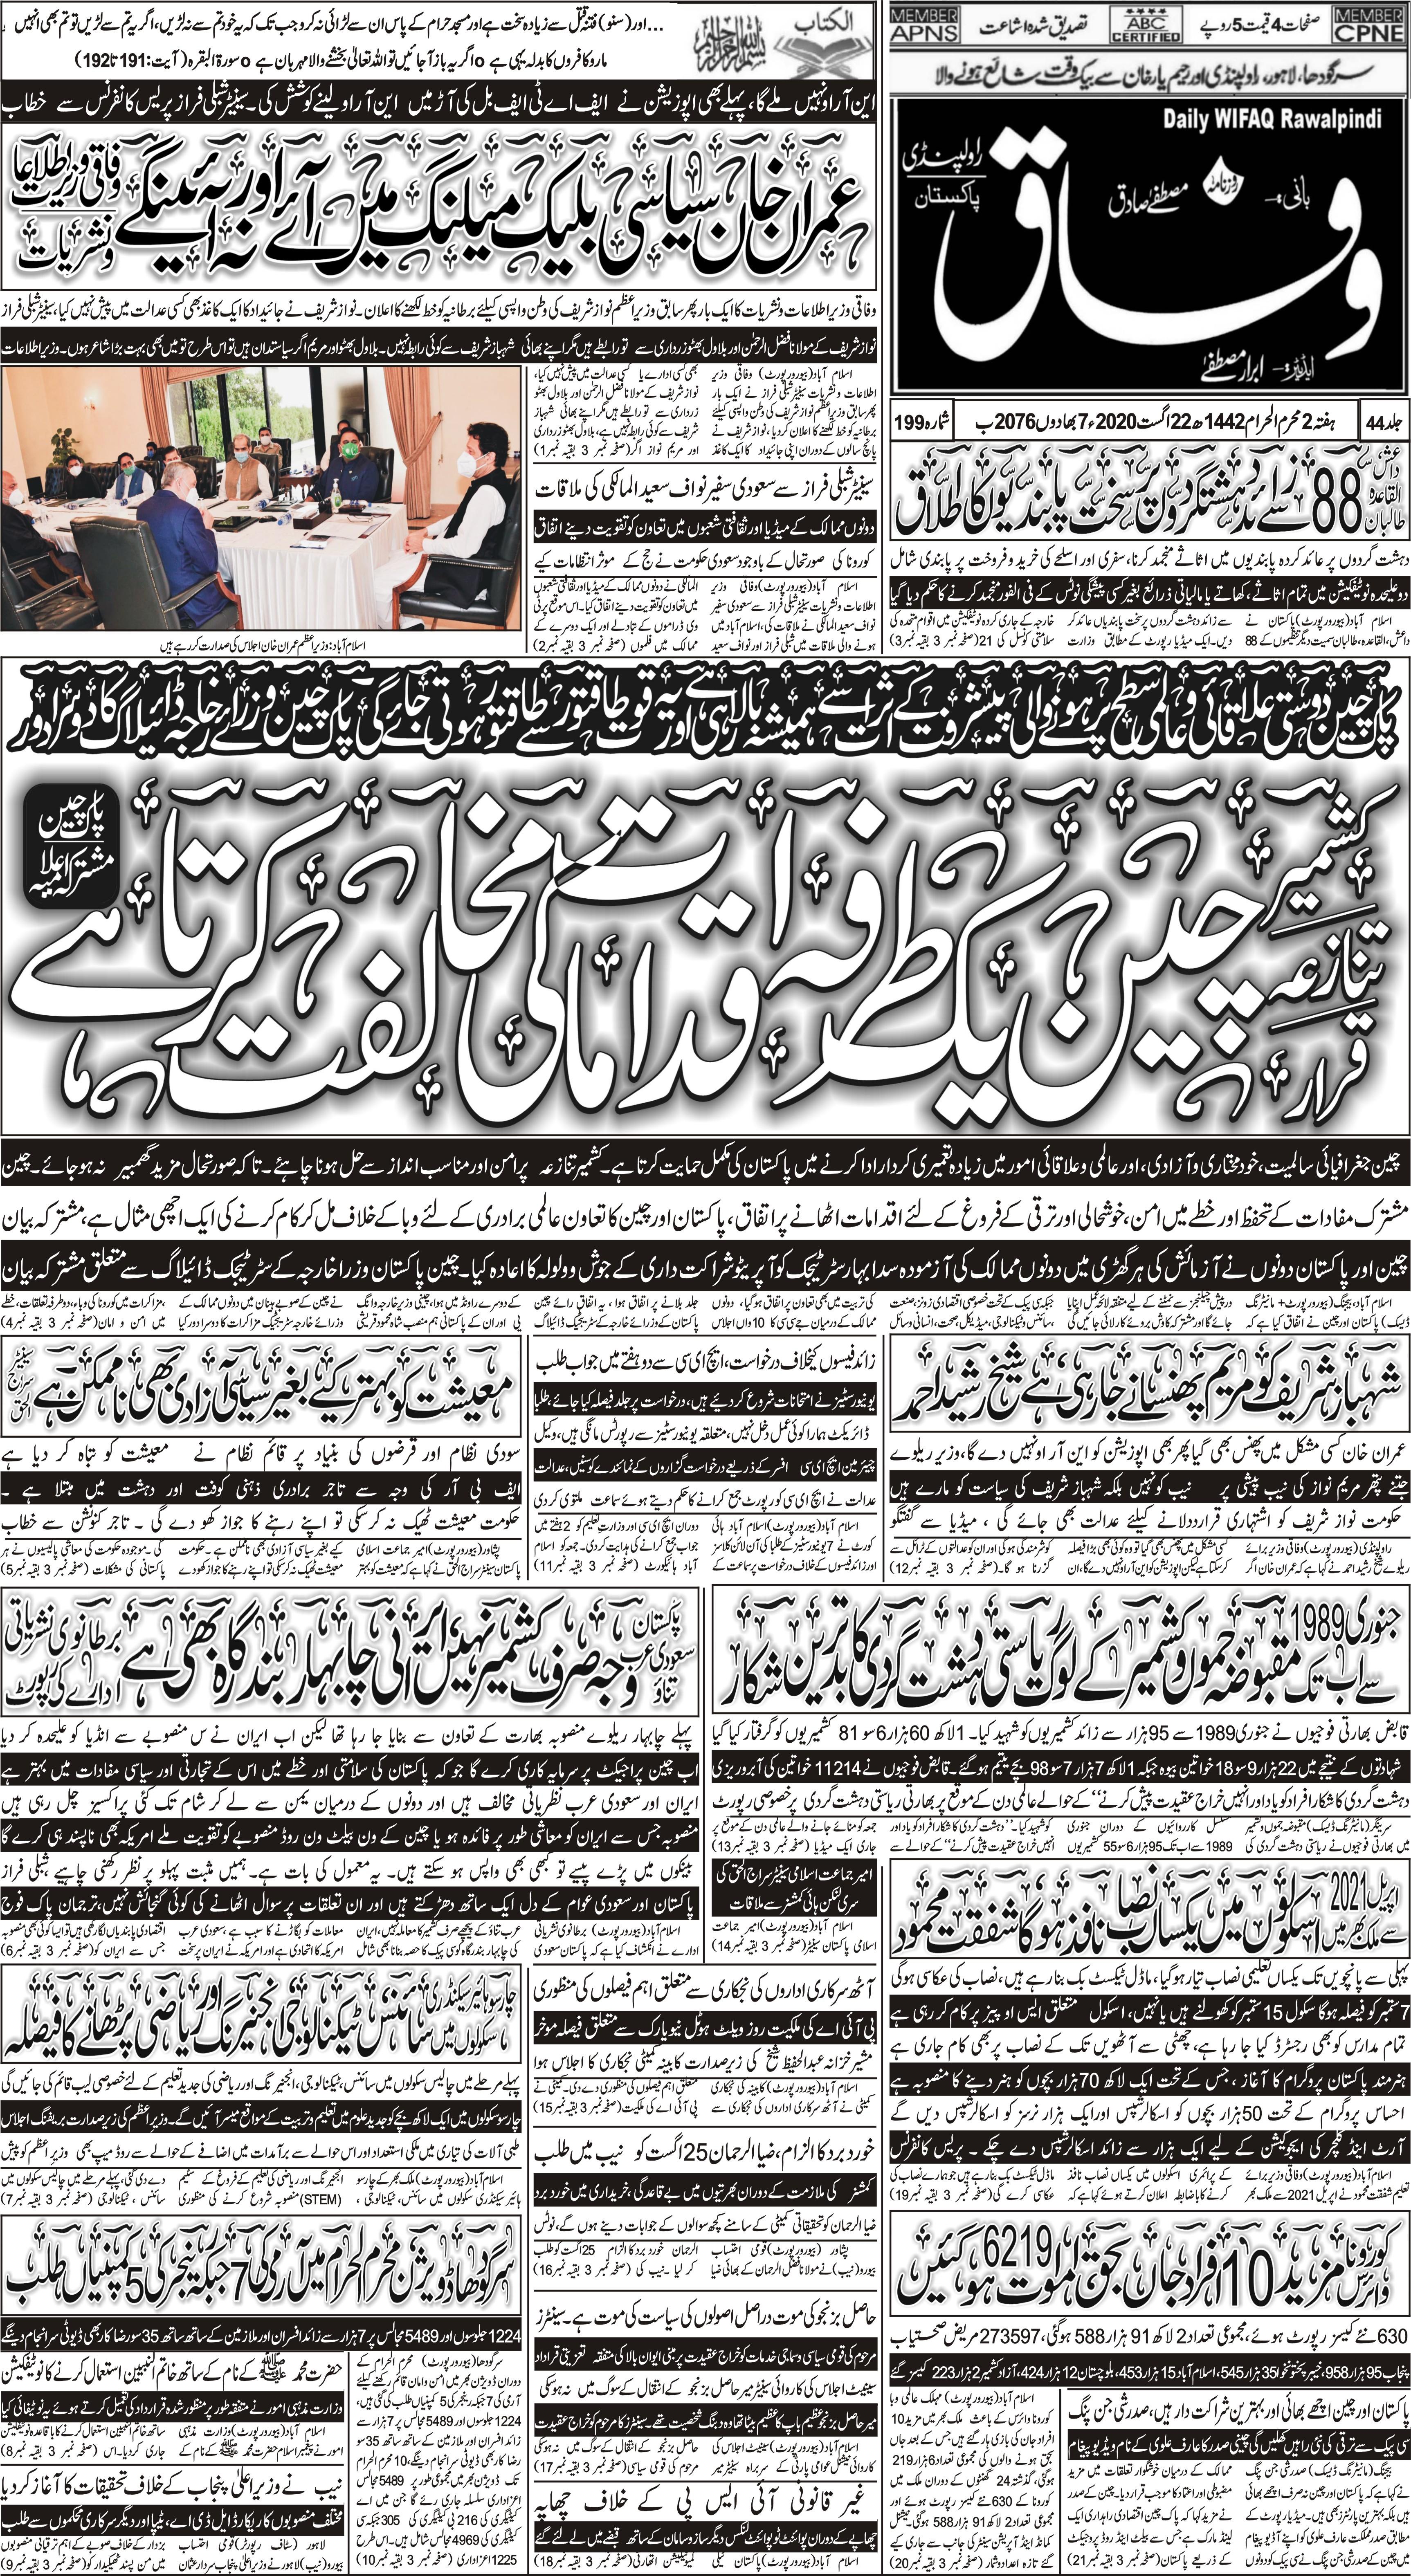 e-Paper – Daily Wifaq – Rawalpindi – 22-08-2020